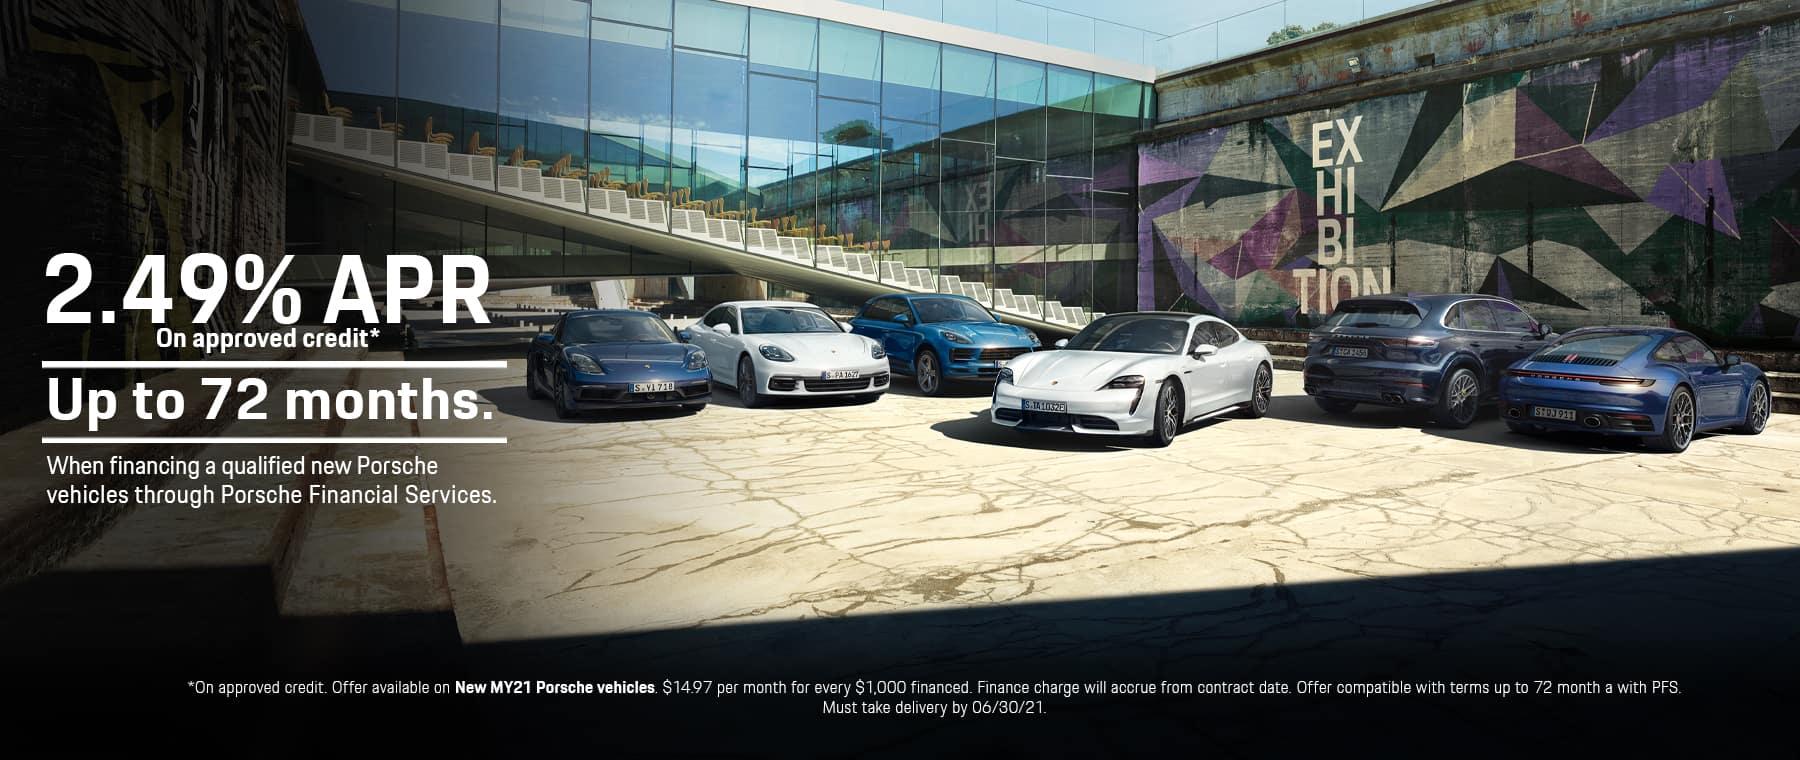 Porsche_PFS-2.99%_1800x760_homeslide_JUN21